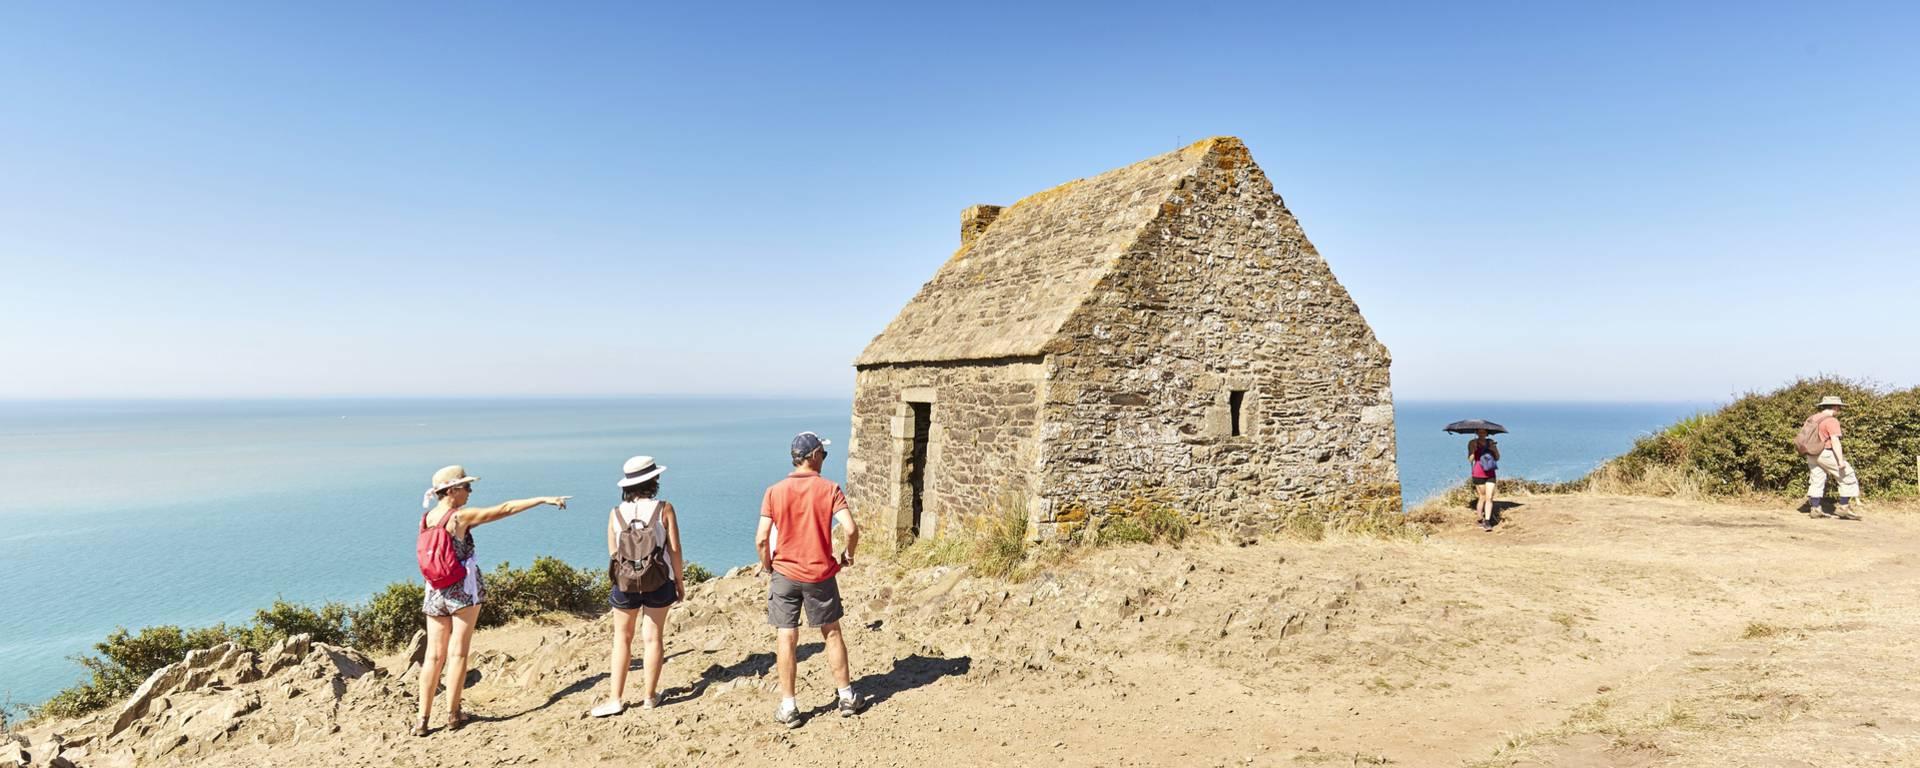 La Cabane Vauban à Carolles offre une vue à couper le souffle sur la Baie du Mont-Saint-Michel.